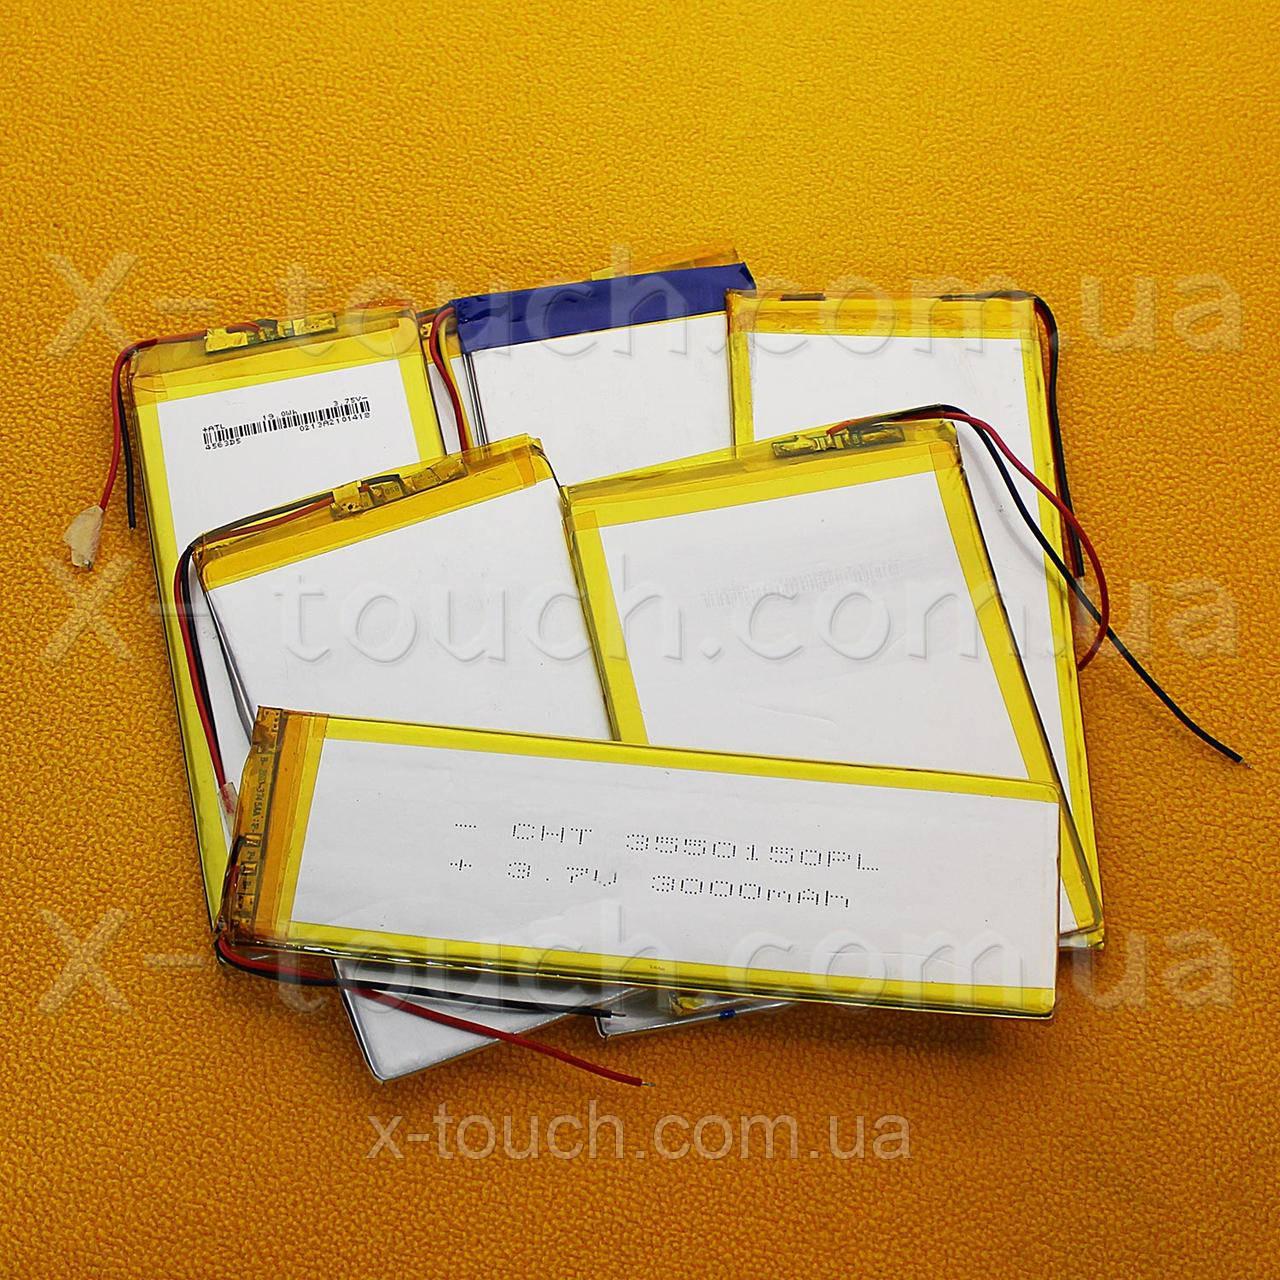 Акумулятор, батарея для планшета SUPRA M74BG, 3,7 V, 3400mAh